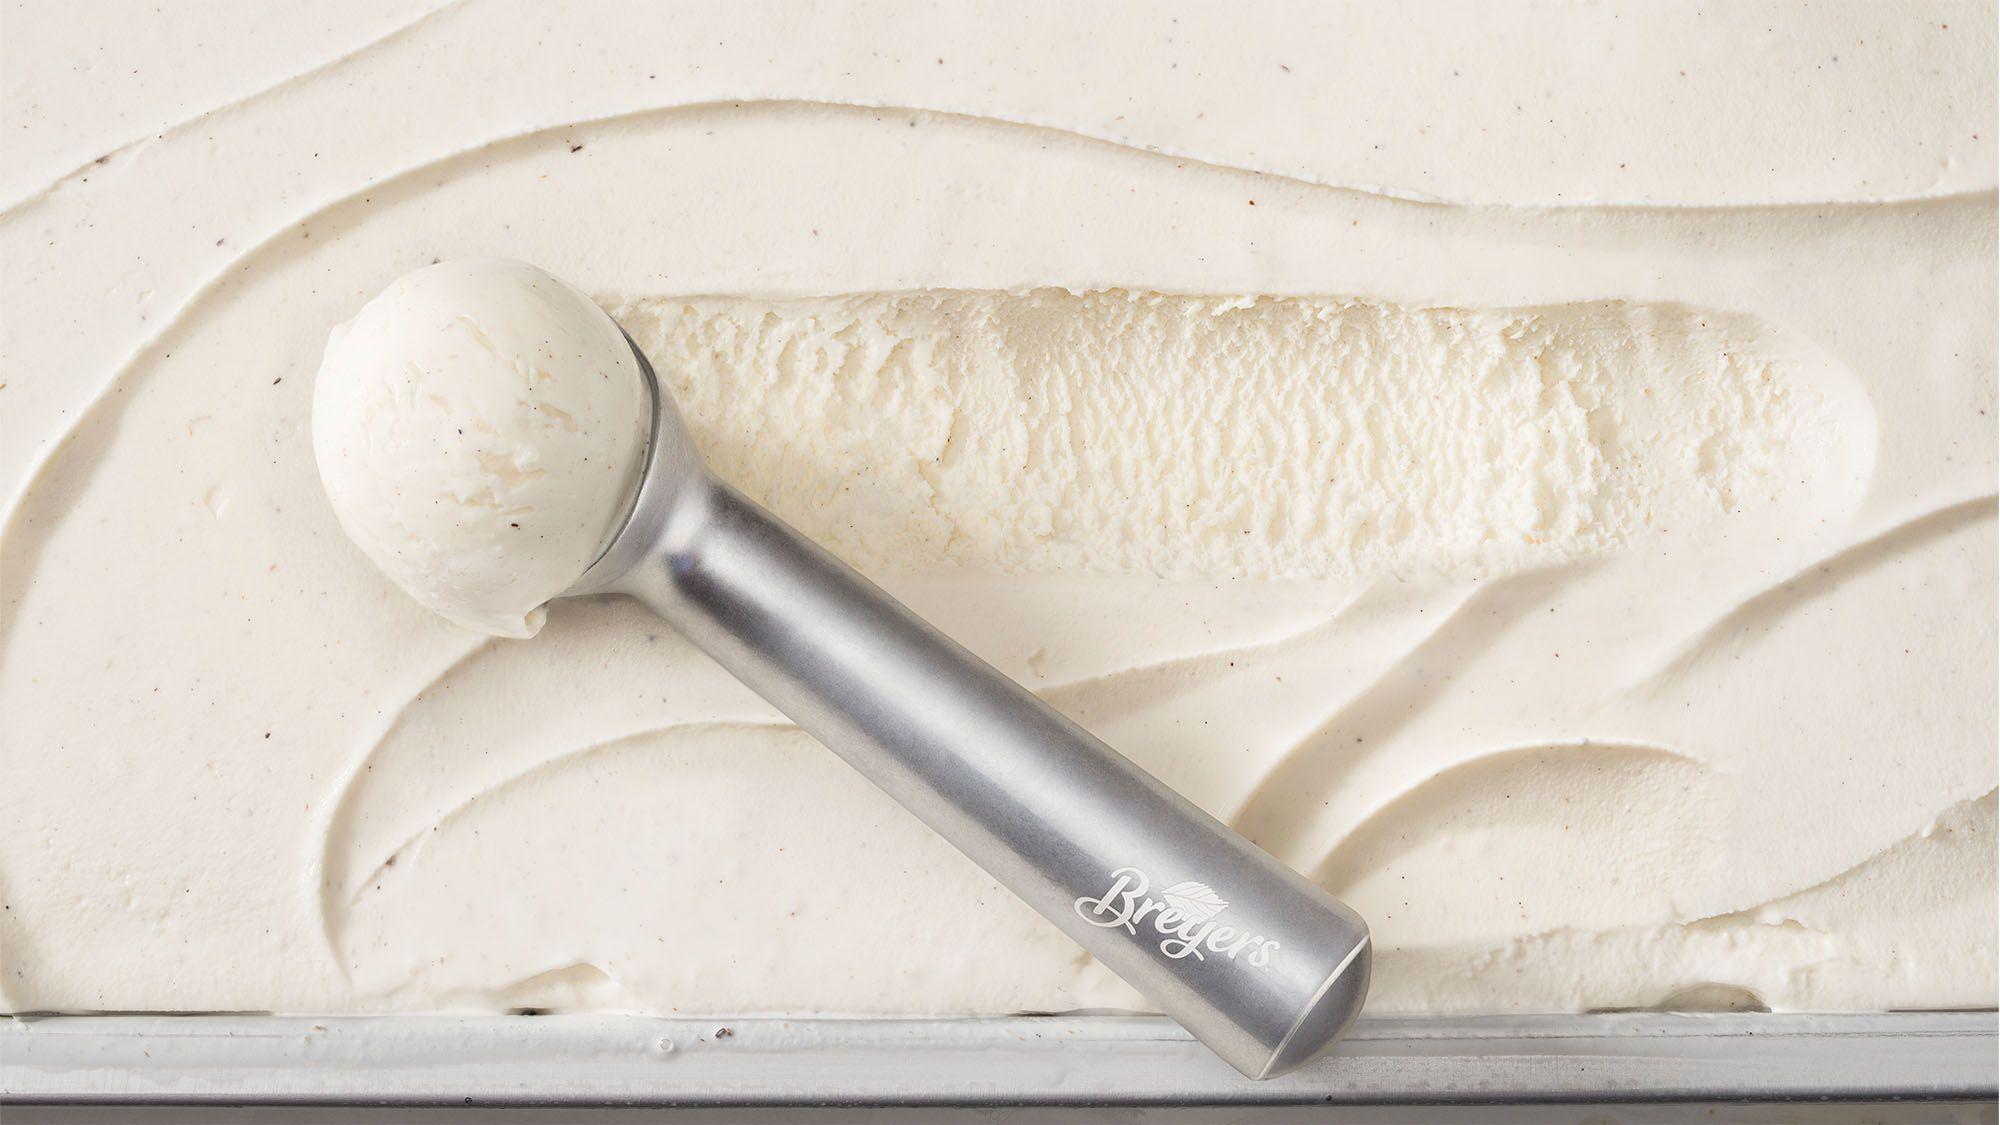 Breyers vanilla ice cream with a scoop